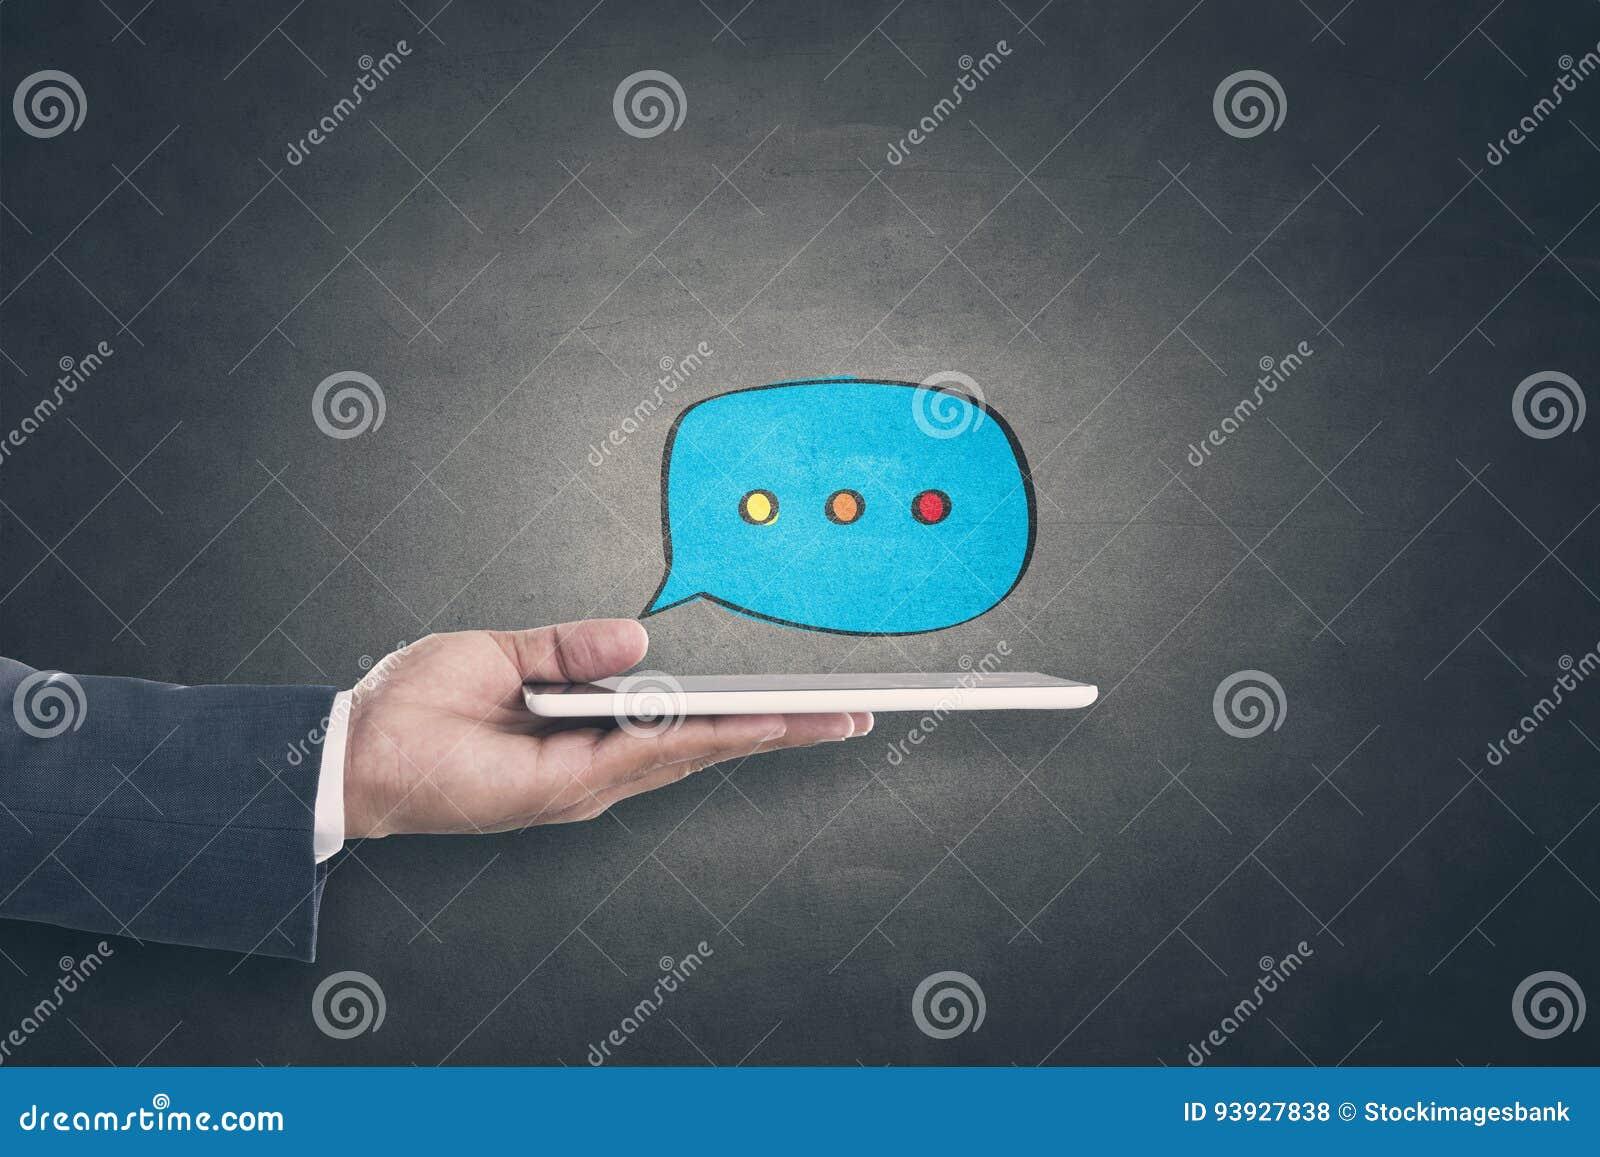 Concept online mededeling